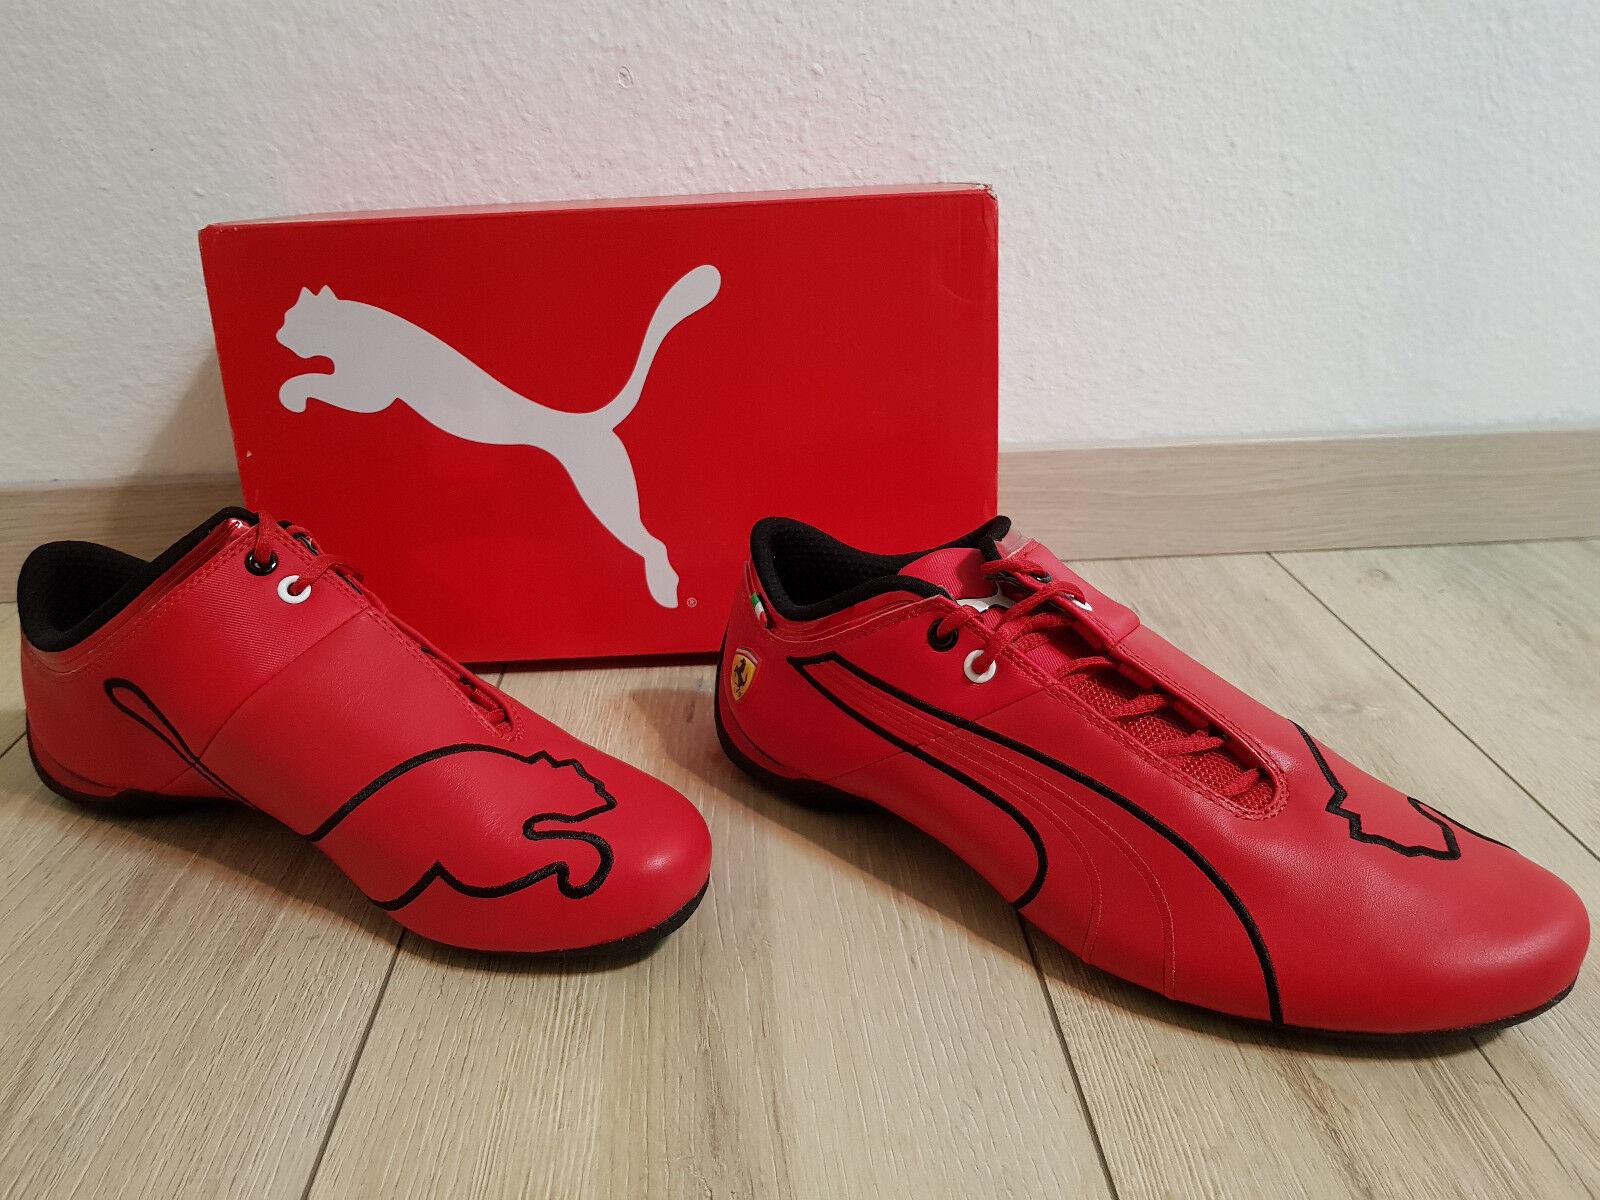 *NEU*Puma Schuhe Herren Future Sneaker Gr. 42,5 Puma Future Herren Cat M1 SF Rosso Corsa *NEU* f6605d